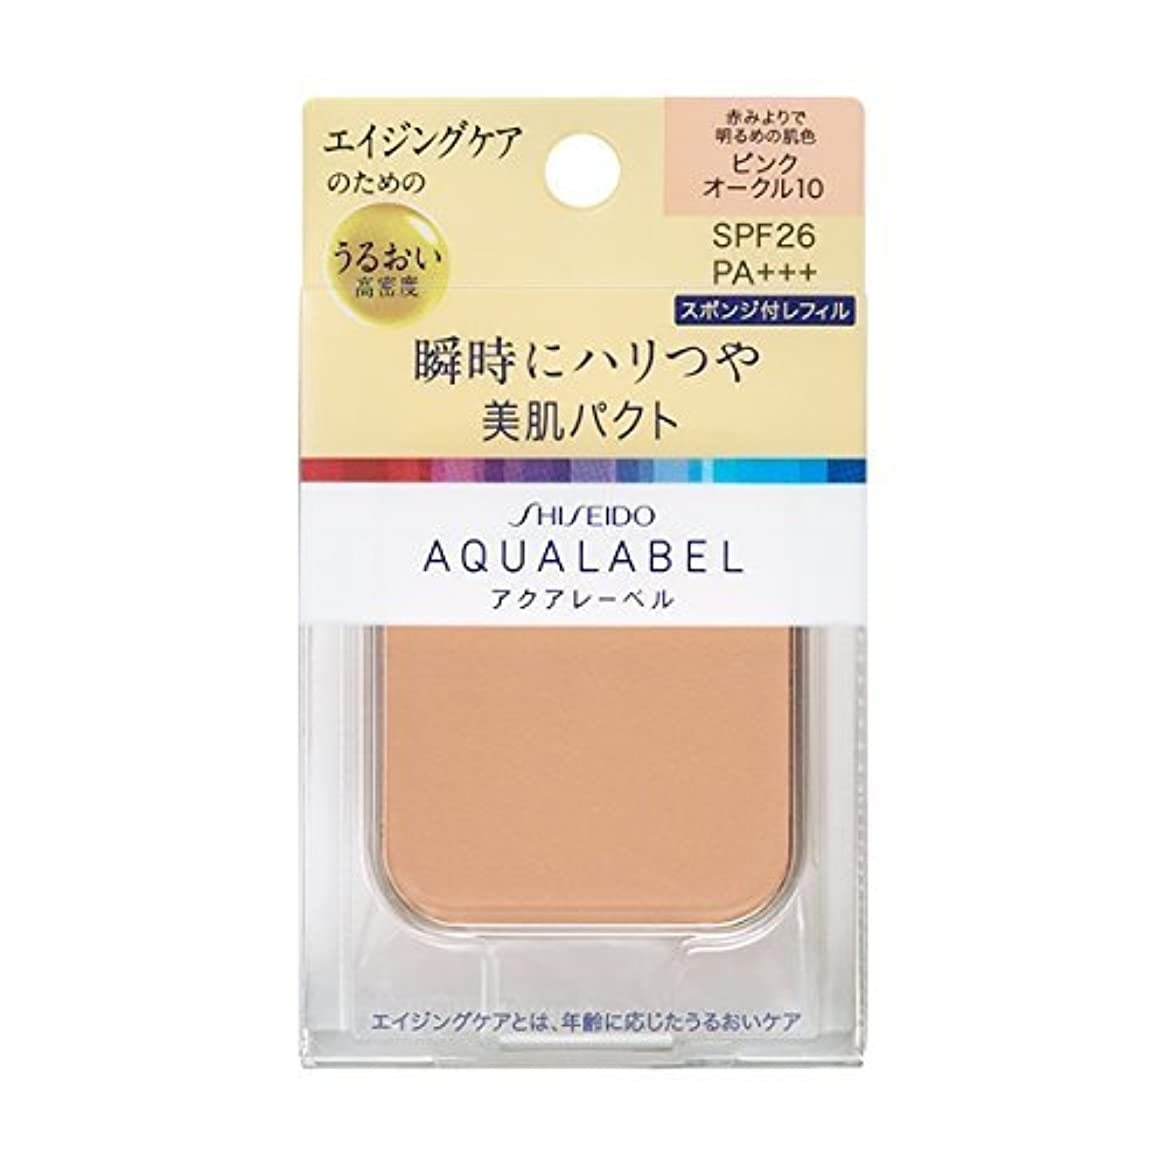 経済社会先入観アクアレーベル 明るいつや肌パクト ピンクオークル10 (レフィル) 11.5g×6個